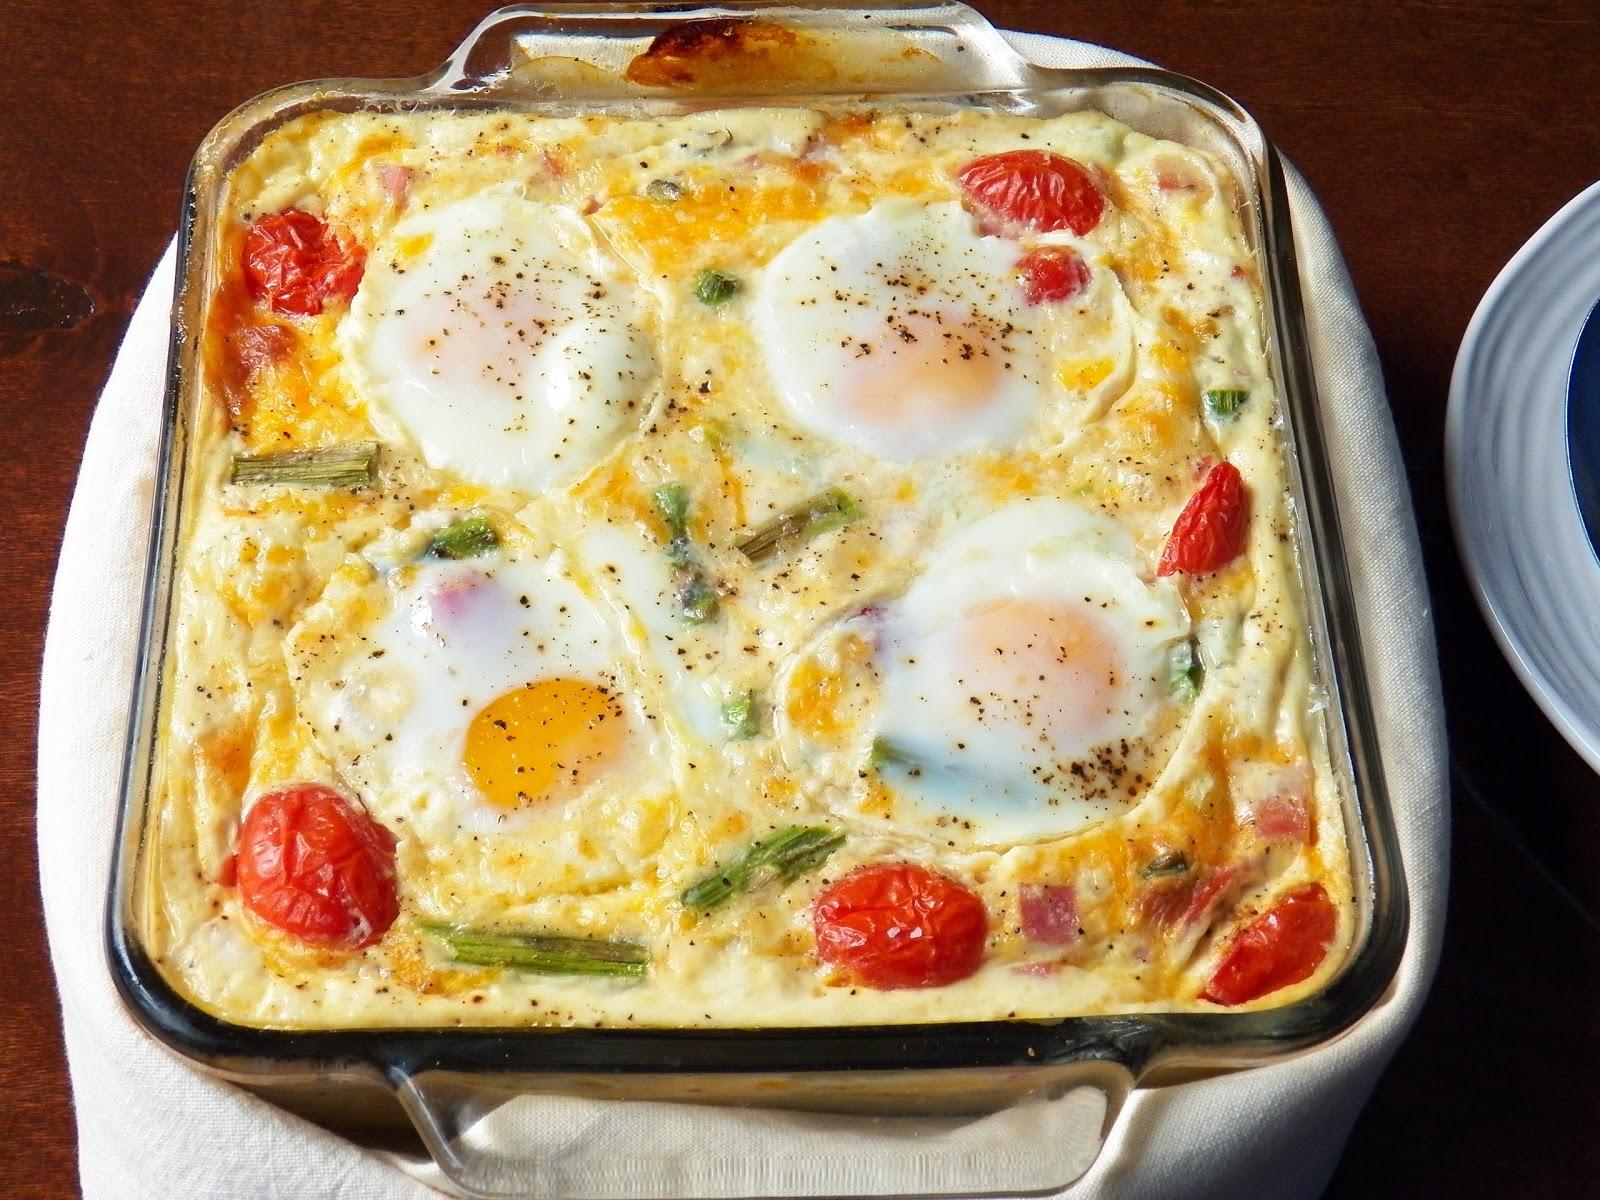 Egg Ham and Asparagus Breakfast Bake